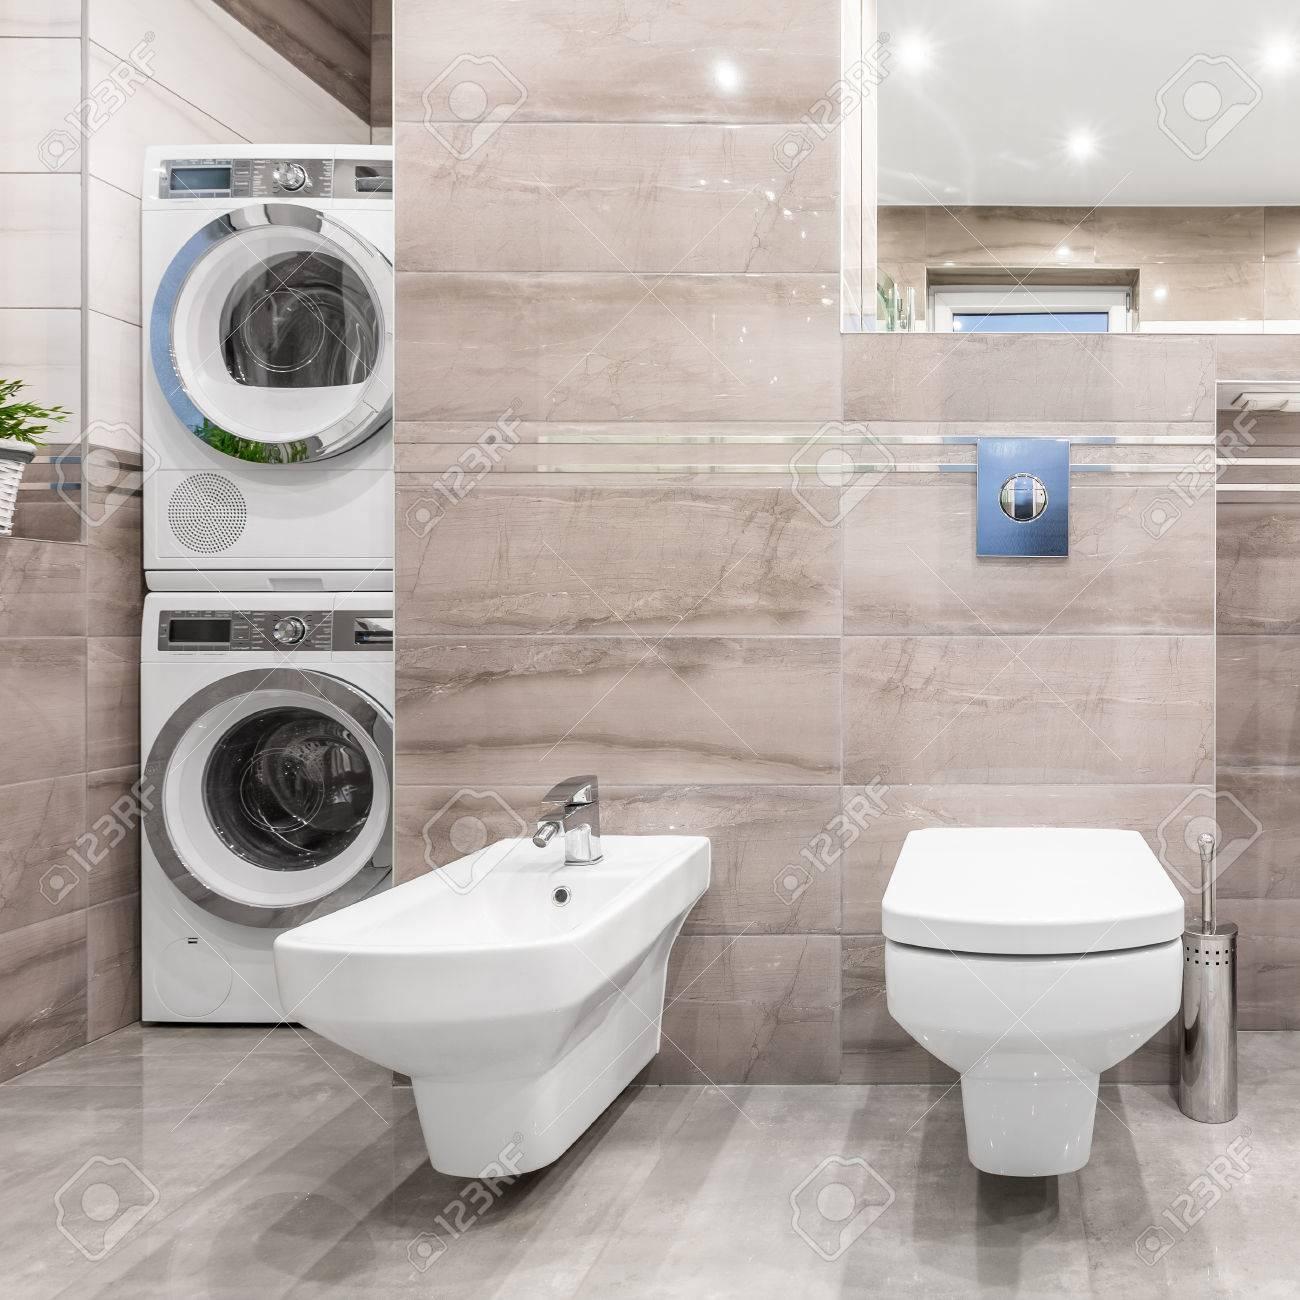 Lave Linge Dans Salle De Bain salle de bains à haute brillance avec wc, bidet, lave-linge et sèche-linge